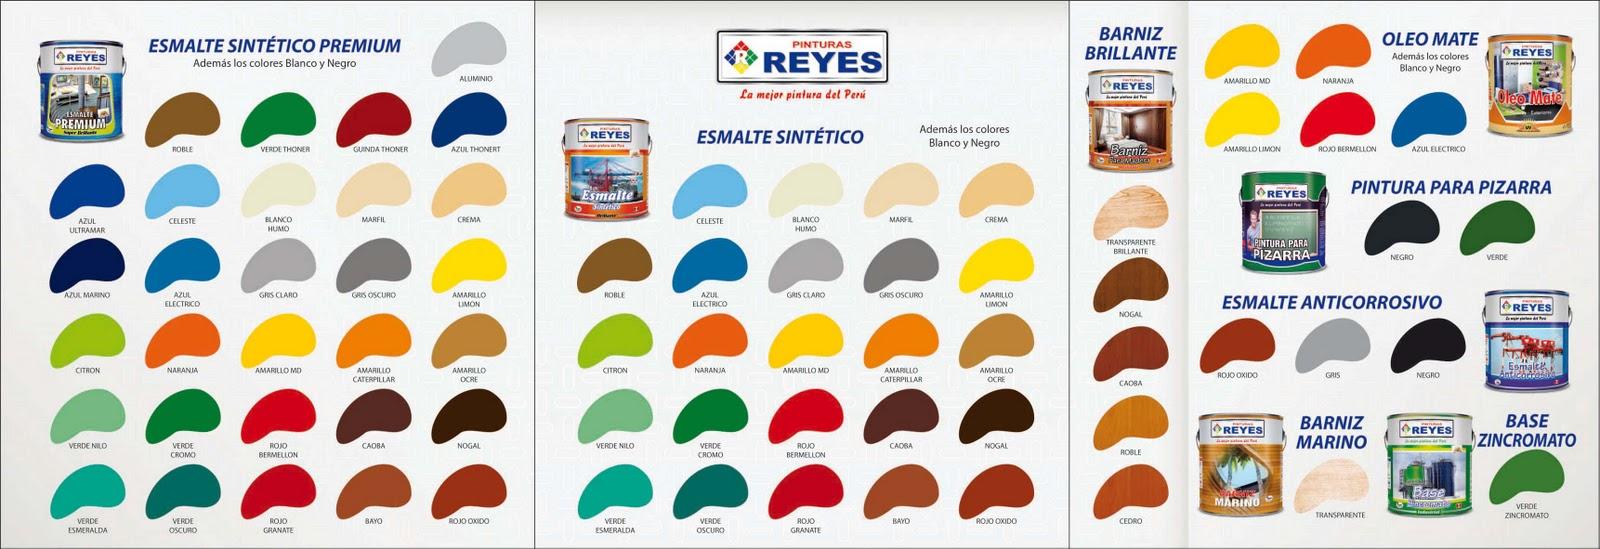 Catalogo de colores esmaltes pinturas reyes arte dise o y publicidad - Catalogo pinturas bruguer ...